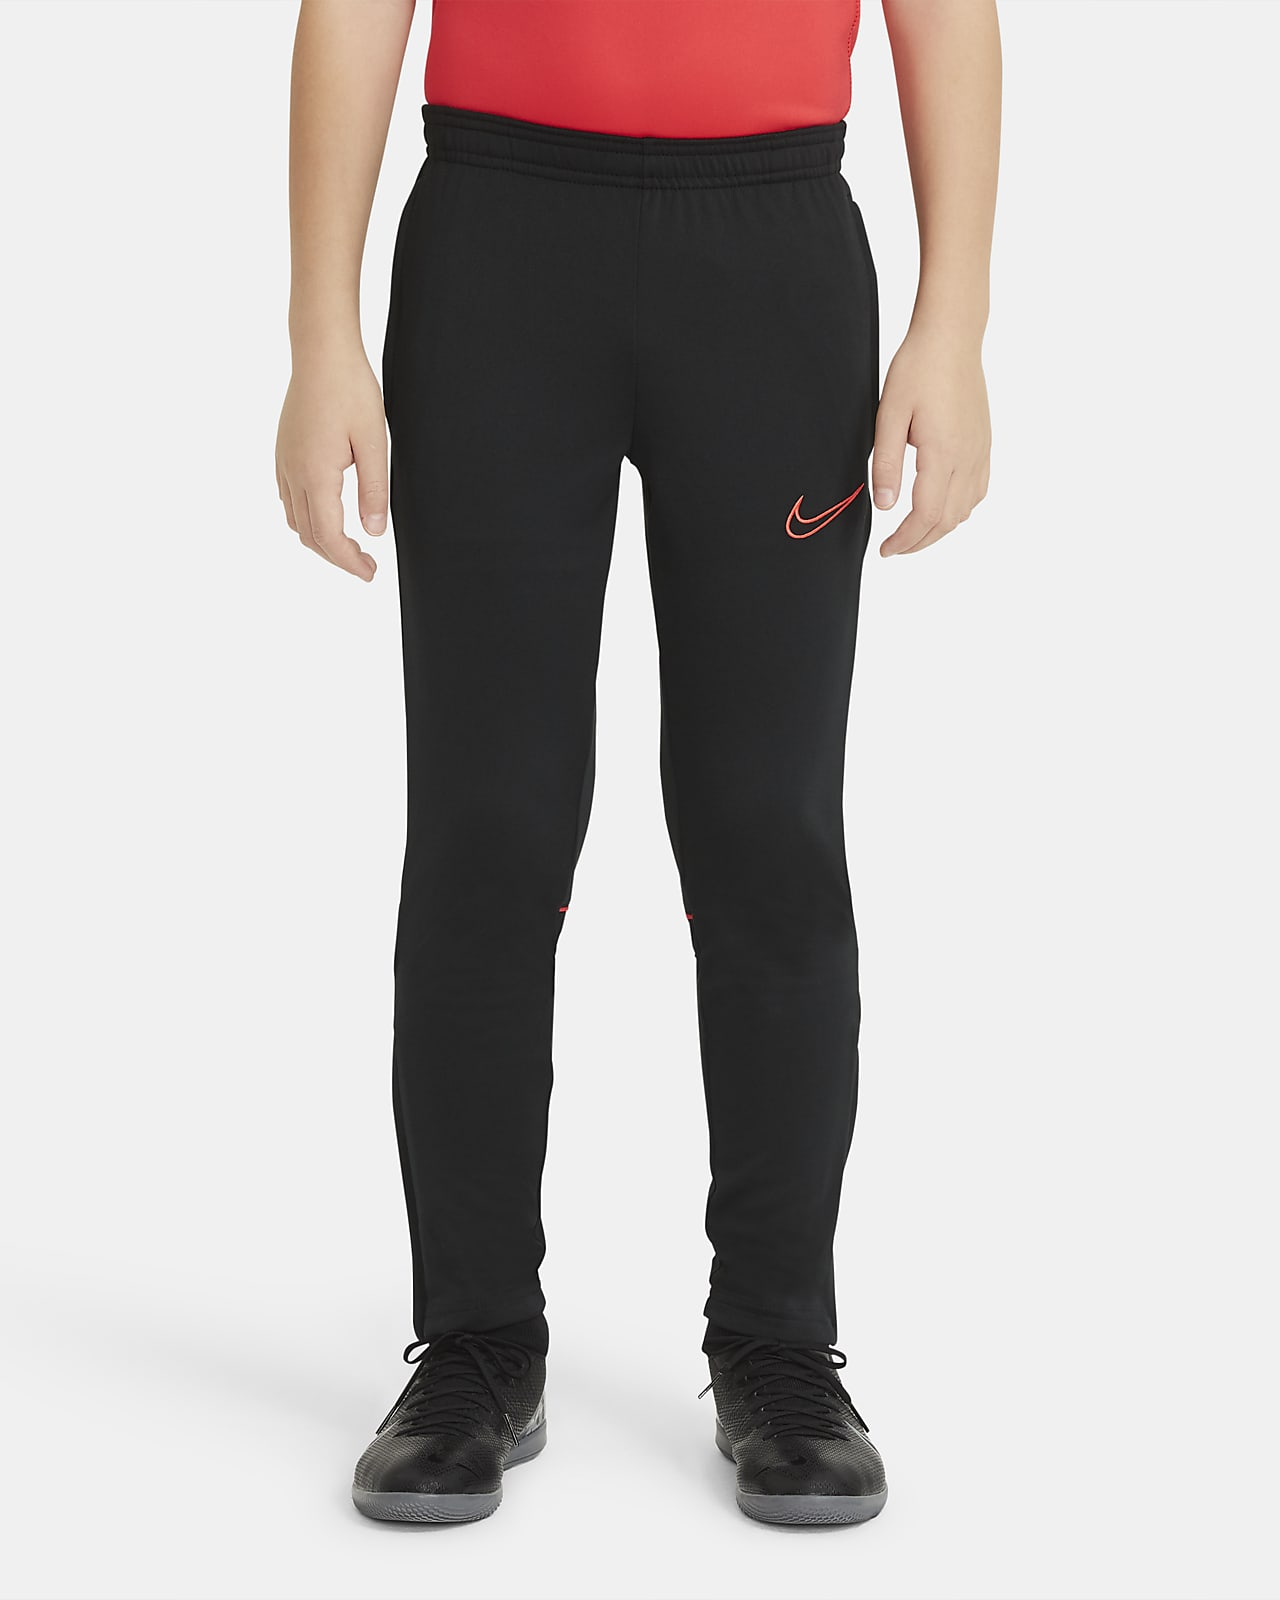 กางเกงฟุตบอลถักขายาวเด็กโต Nike Dri-FIT Academy